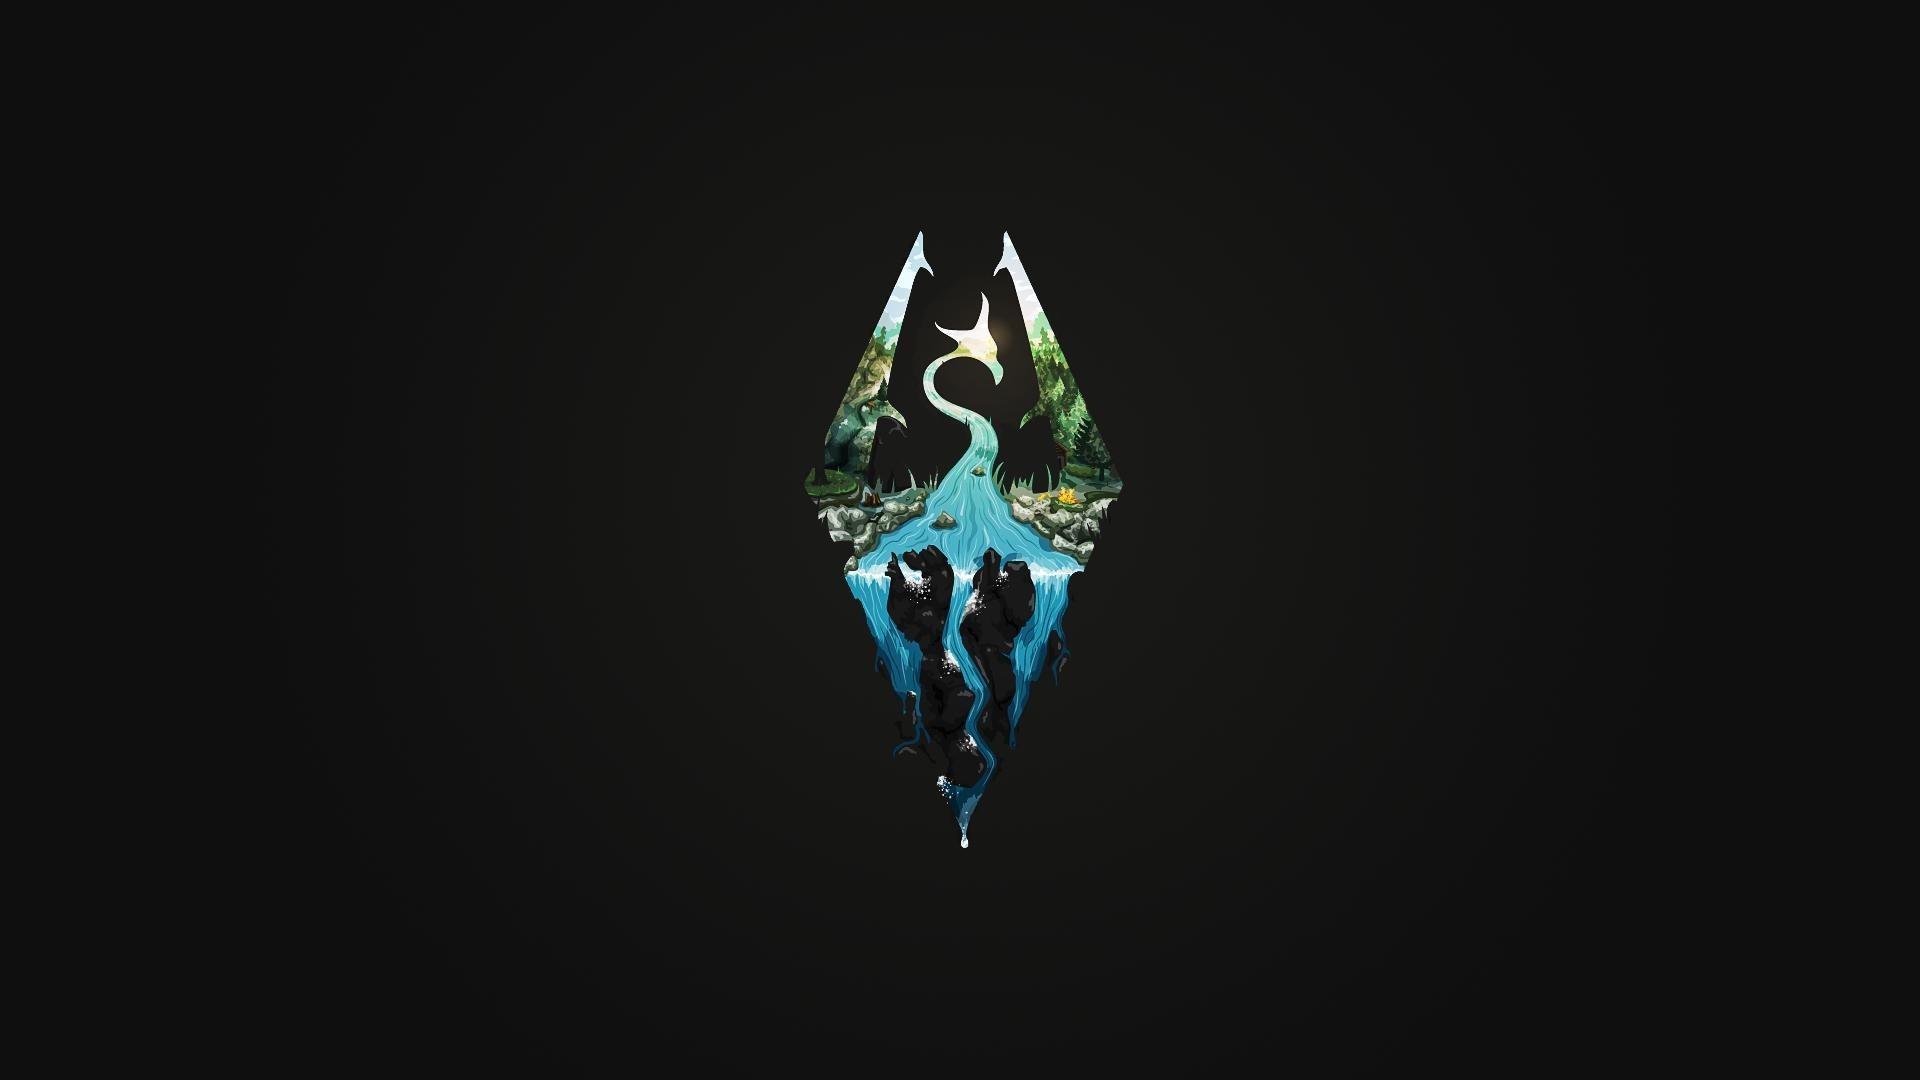 logo, The Elder Scrolls V: Skyrim, Video Games, Minimalism Wallpapers HD /  Desktop and Mobile Backgrounds